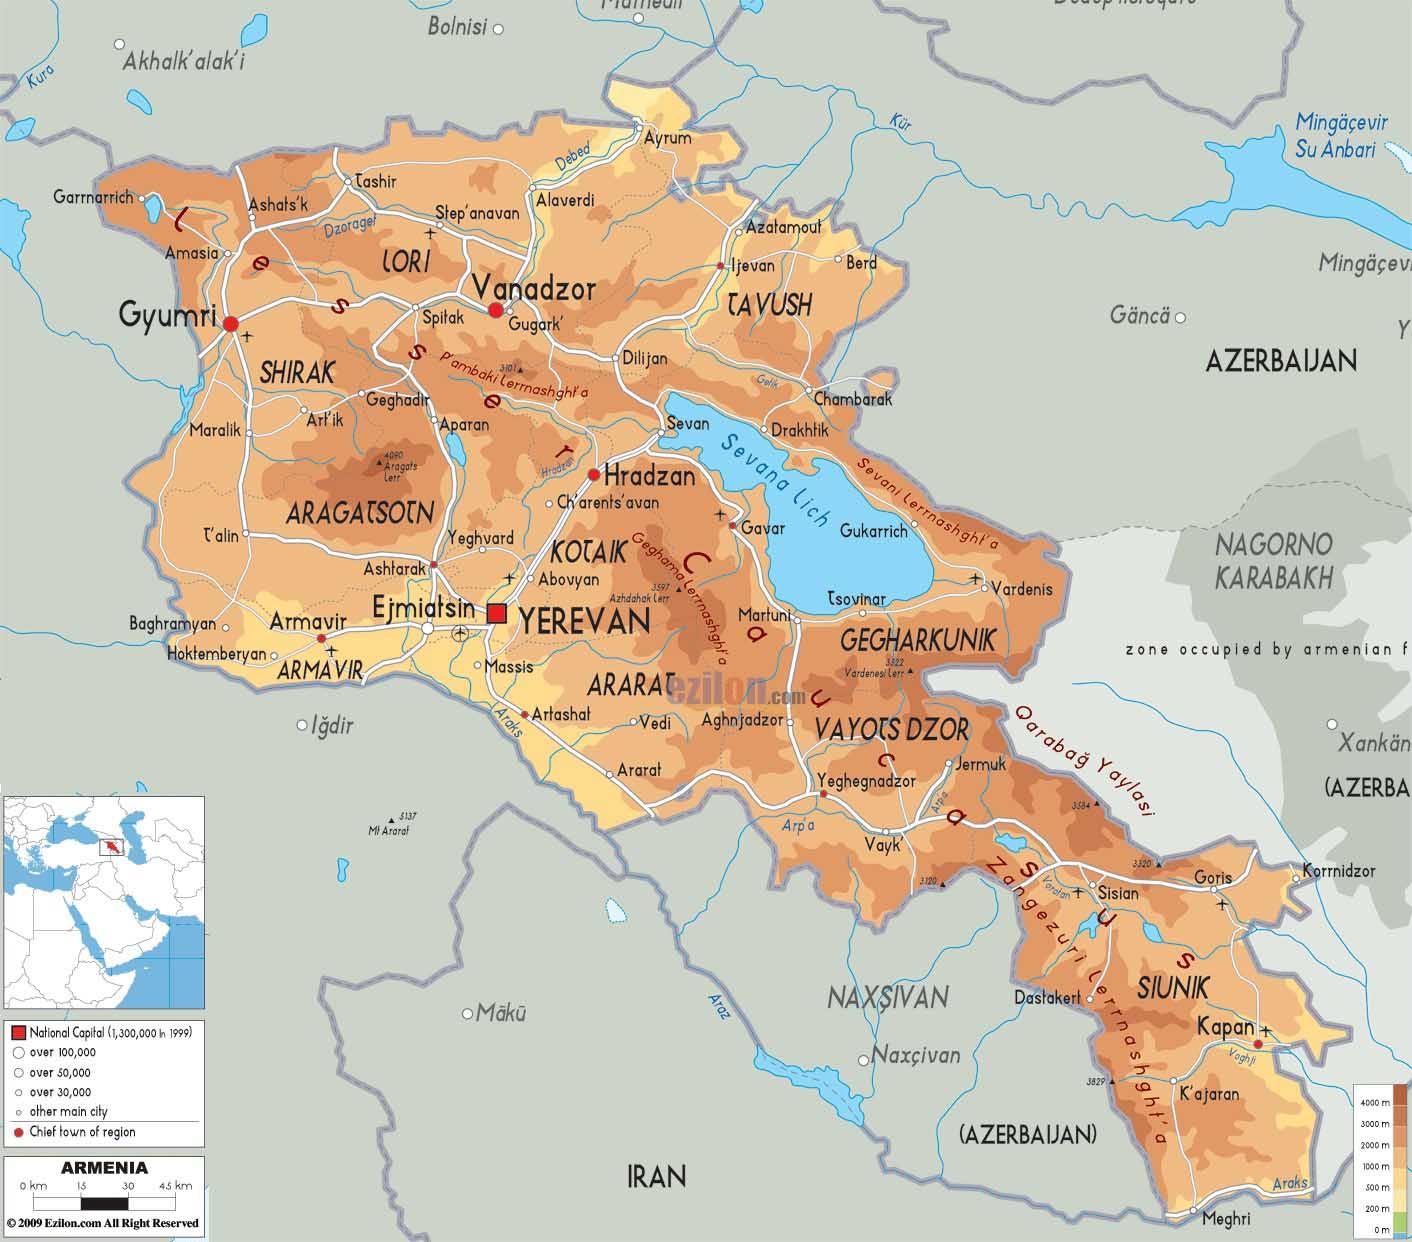 Weltrekordreise, Asien, Mittlerer Osten, Kaukasus, Armenien ...